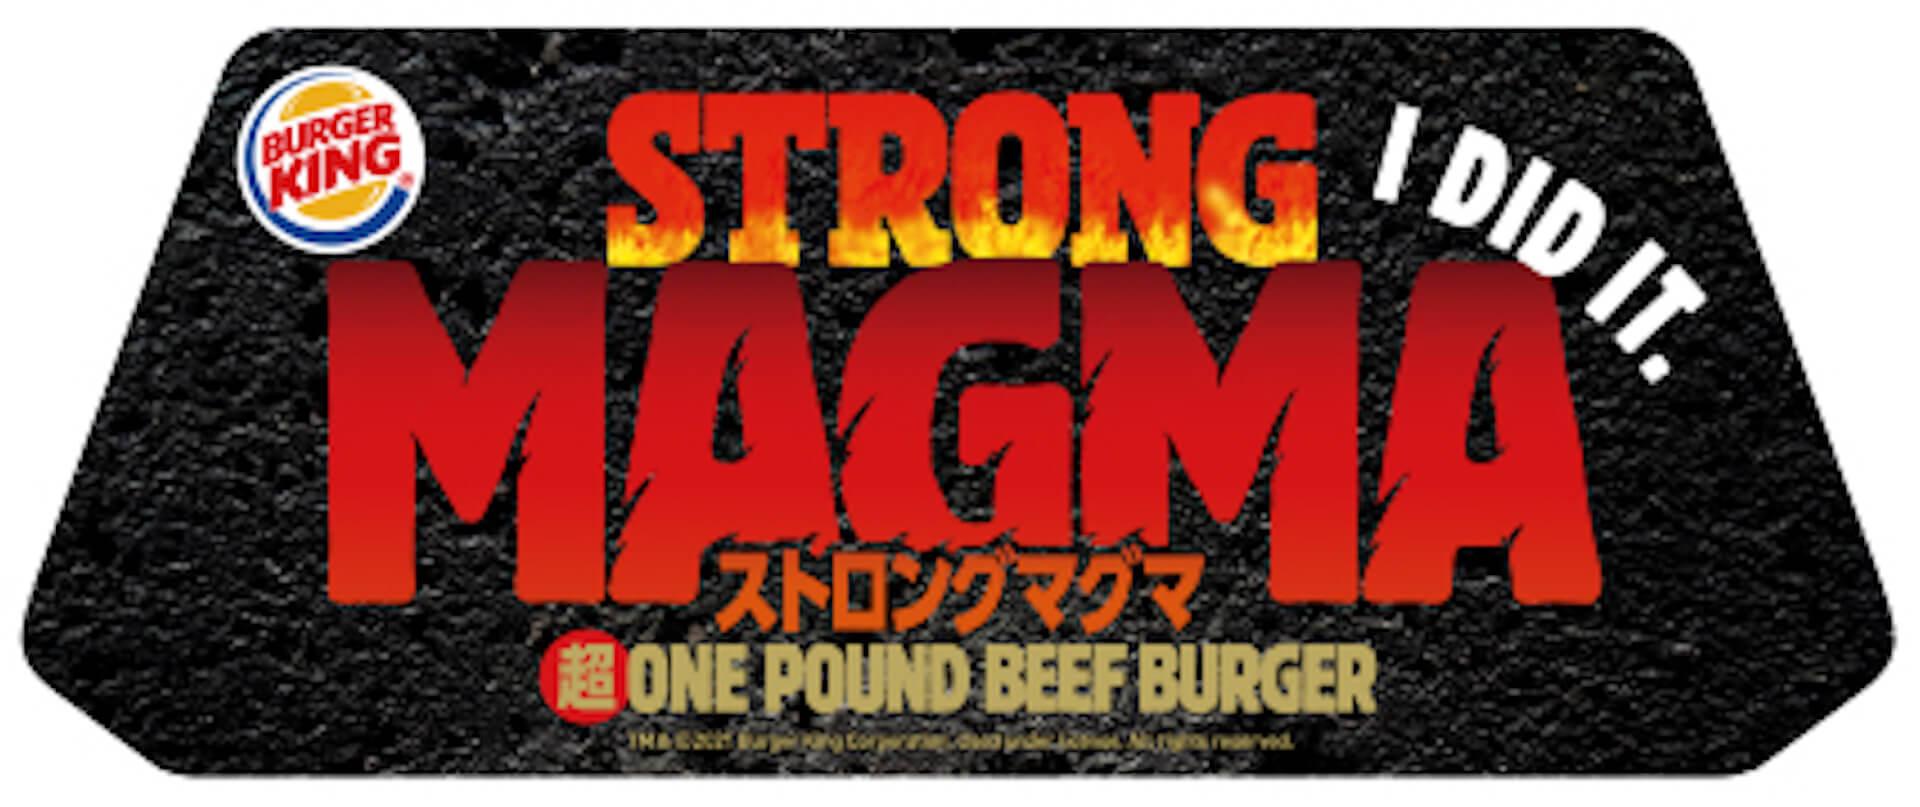 バーガーキング最強のデカさ&辛さを味わおう!『ストロング マグマ超ワンパウンドビーフバーガー』が期間限定新発売 gourmet210225_burgerking_magma_3